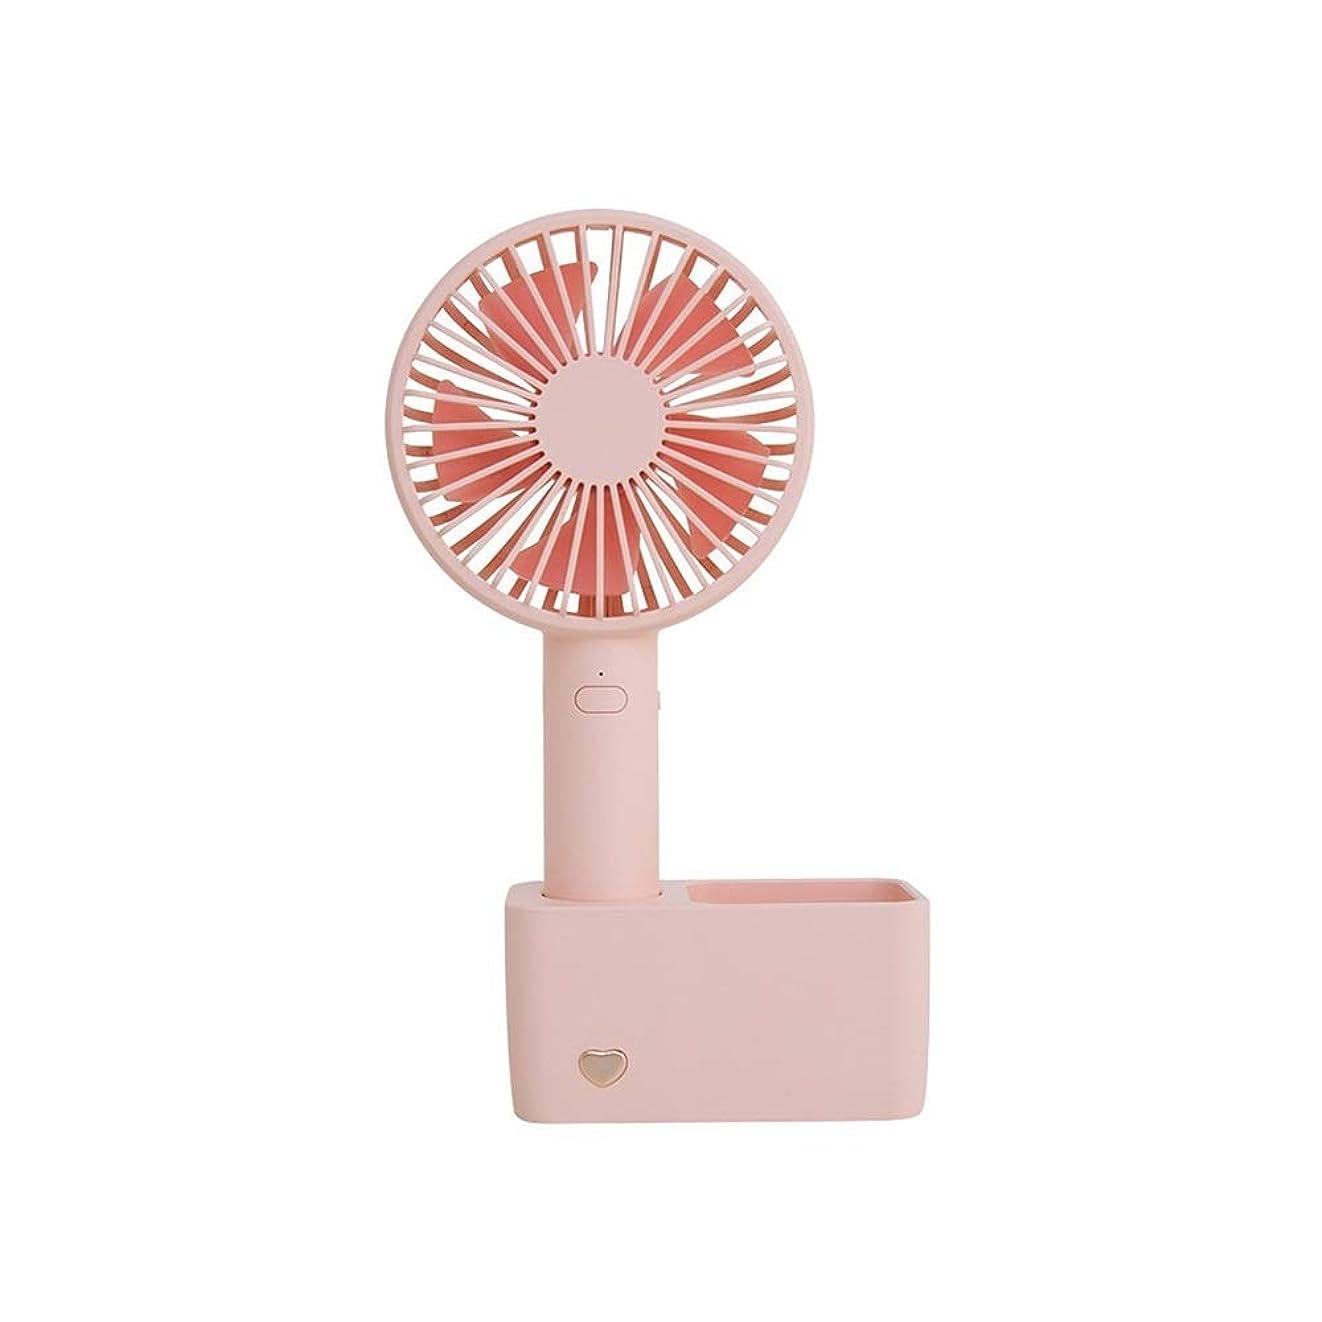 不満大説明的ファッションUSBミニスカートファン大容量ペンチューブファン強力な風ラジカル静かなデスクトップファン電話ホルダー ミニ扇風機 (Color : Pink)